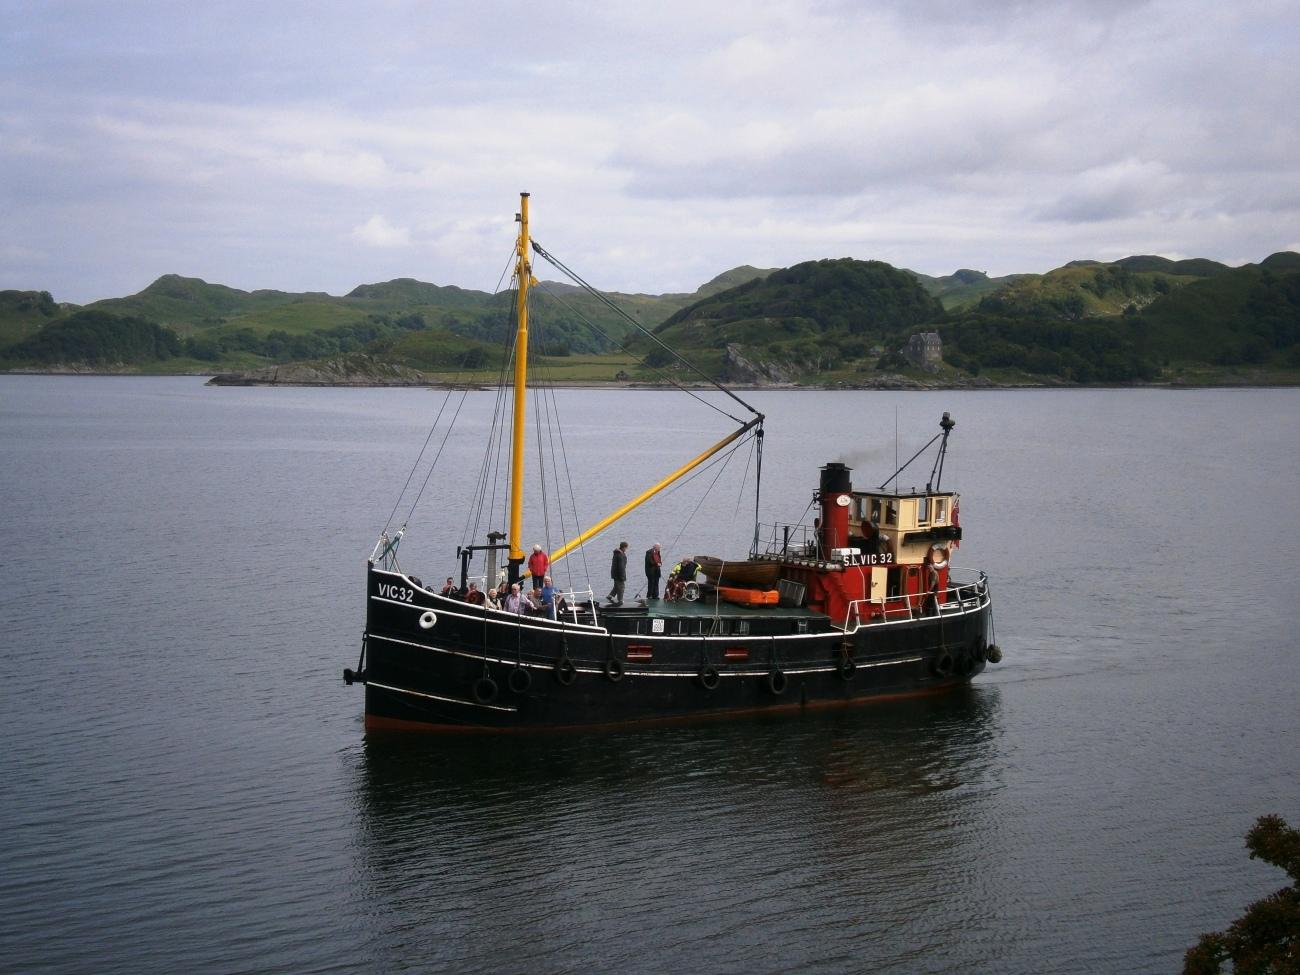 Crucero por el Canal Crinan